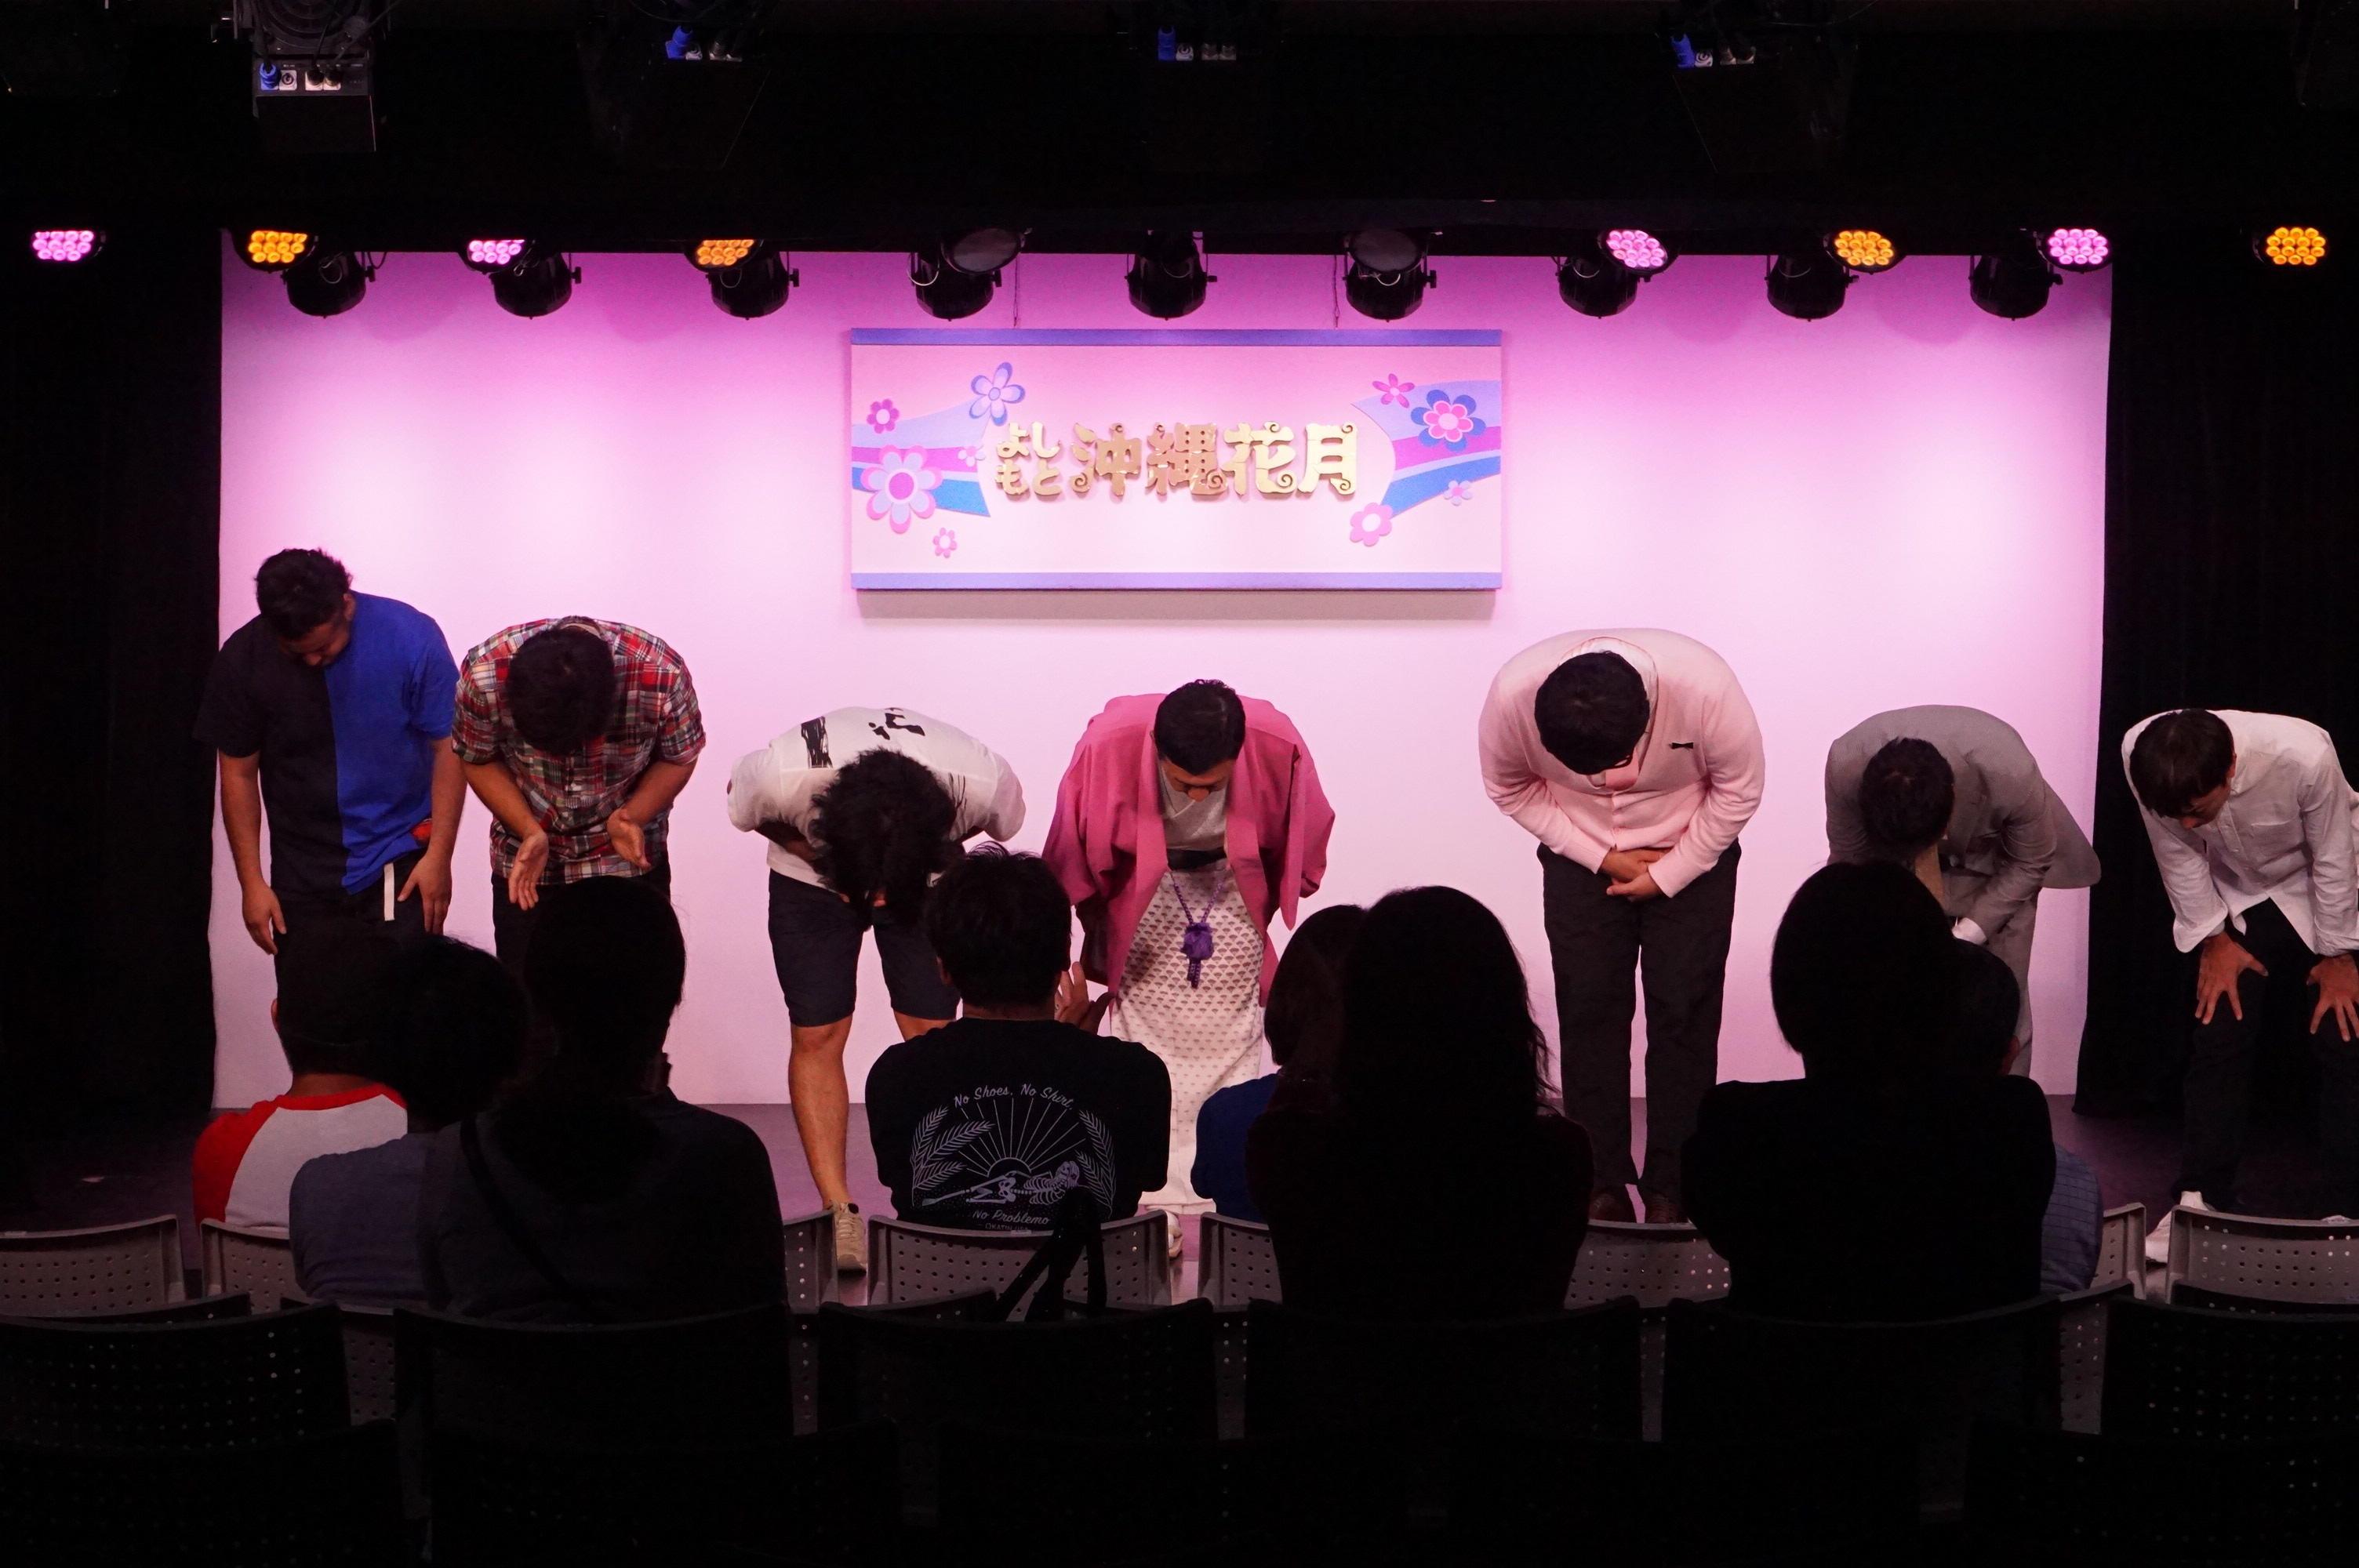 http://news.yoshimoto.co.jp/20180824203422-3ff8f553c3b4abb41f2e6216df8bb15ebd9207e2.jpg